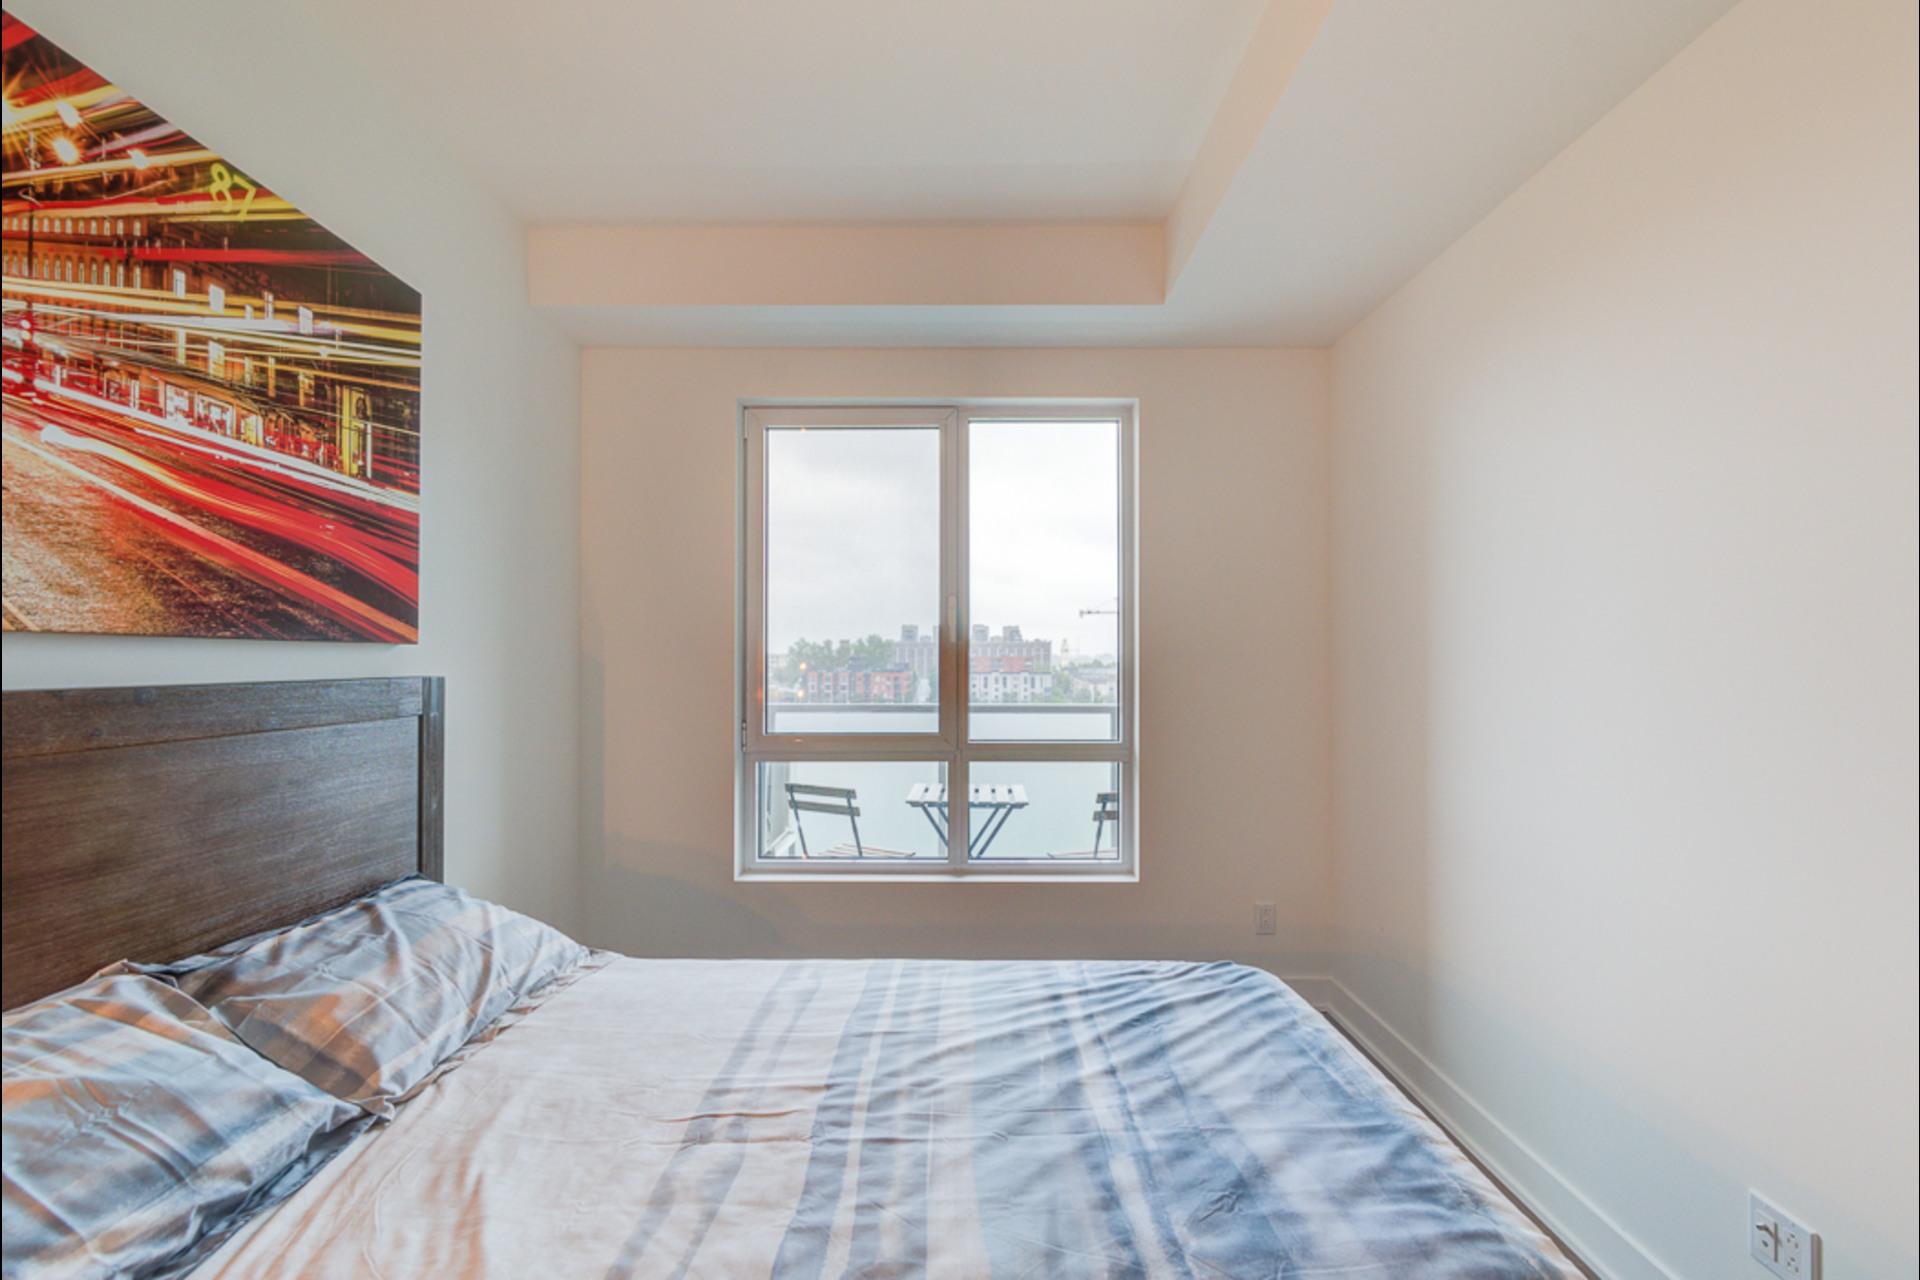 image 15 - Condo For rent Montréal - 4 rooms